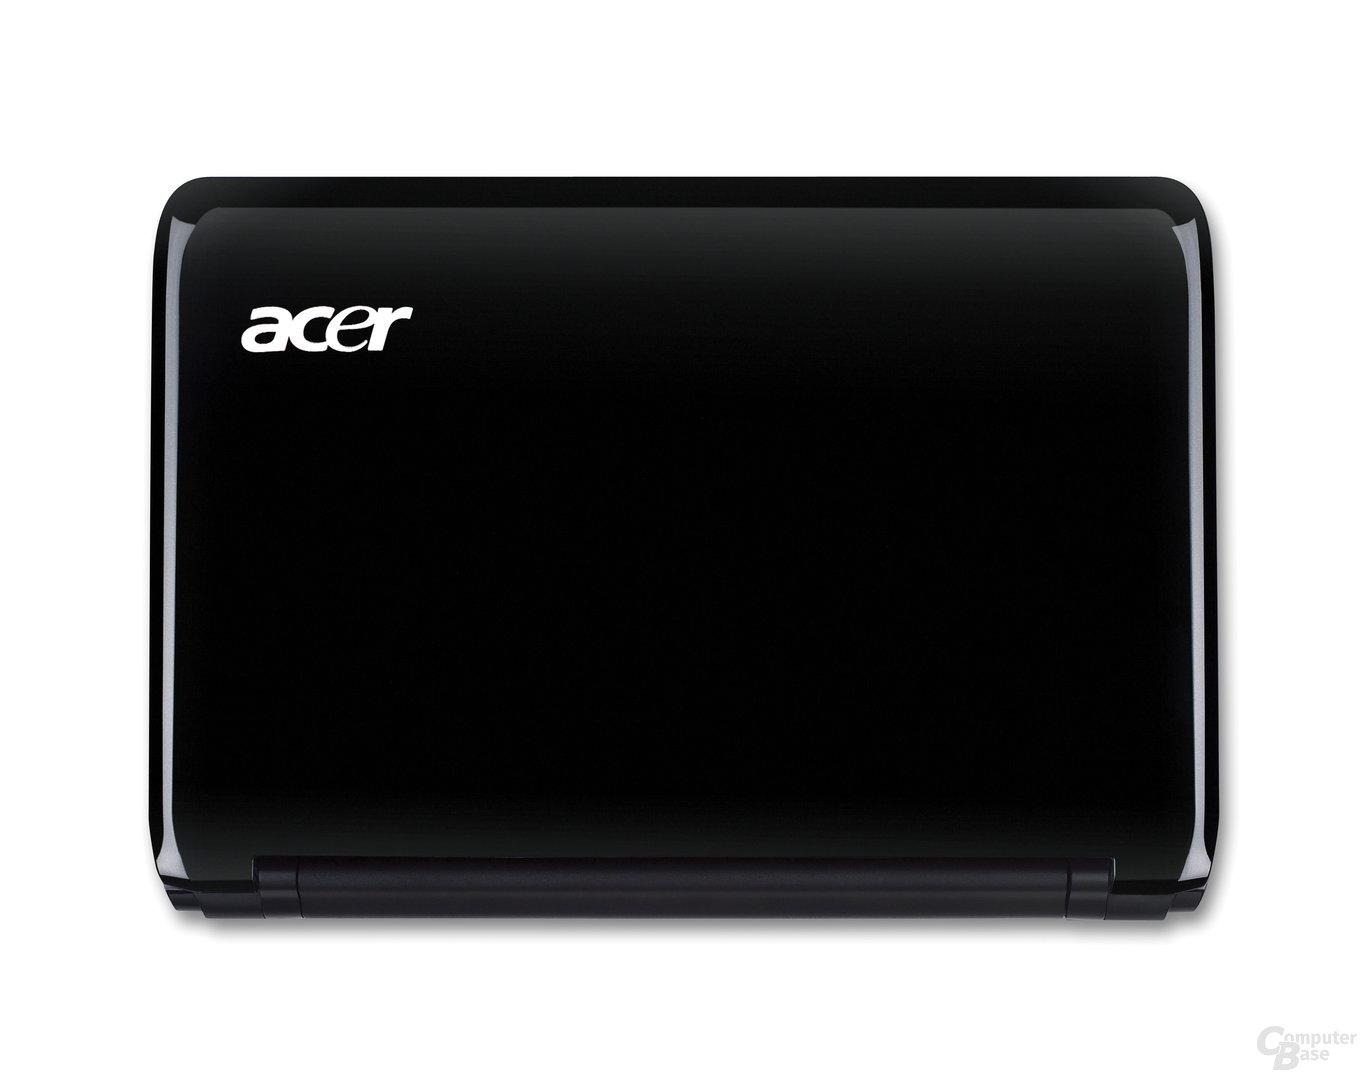 Acer Aspire one 751 in schwarz